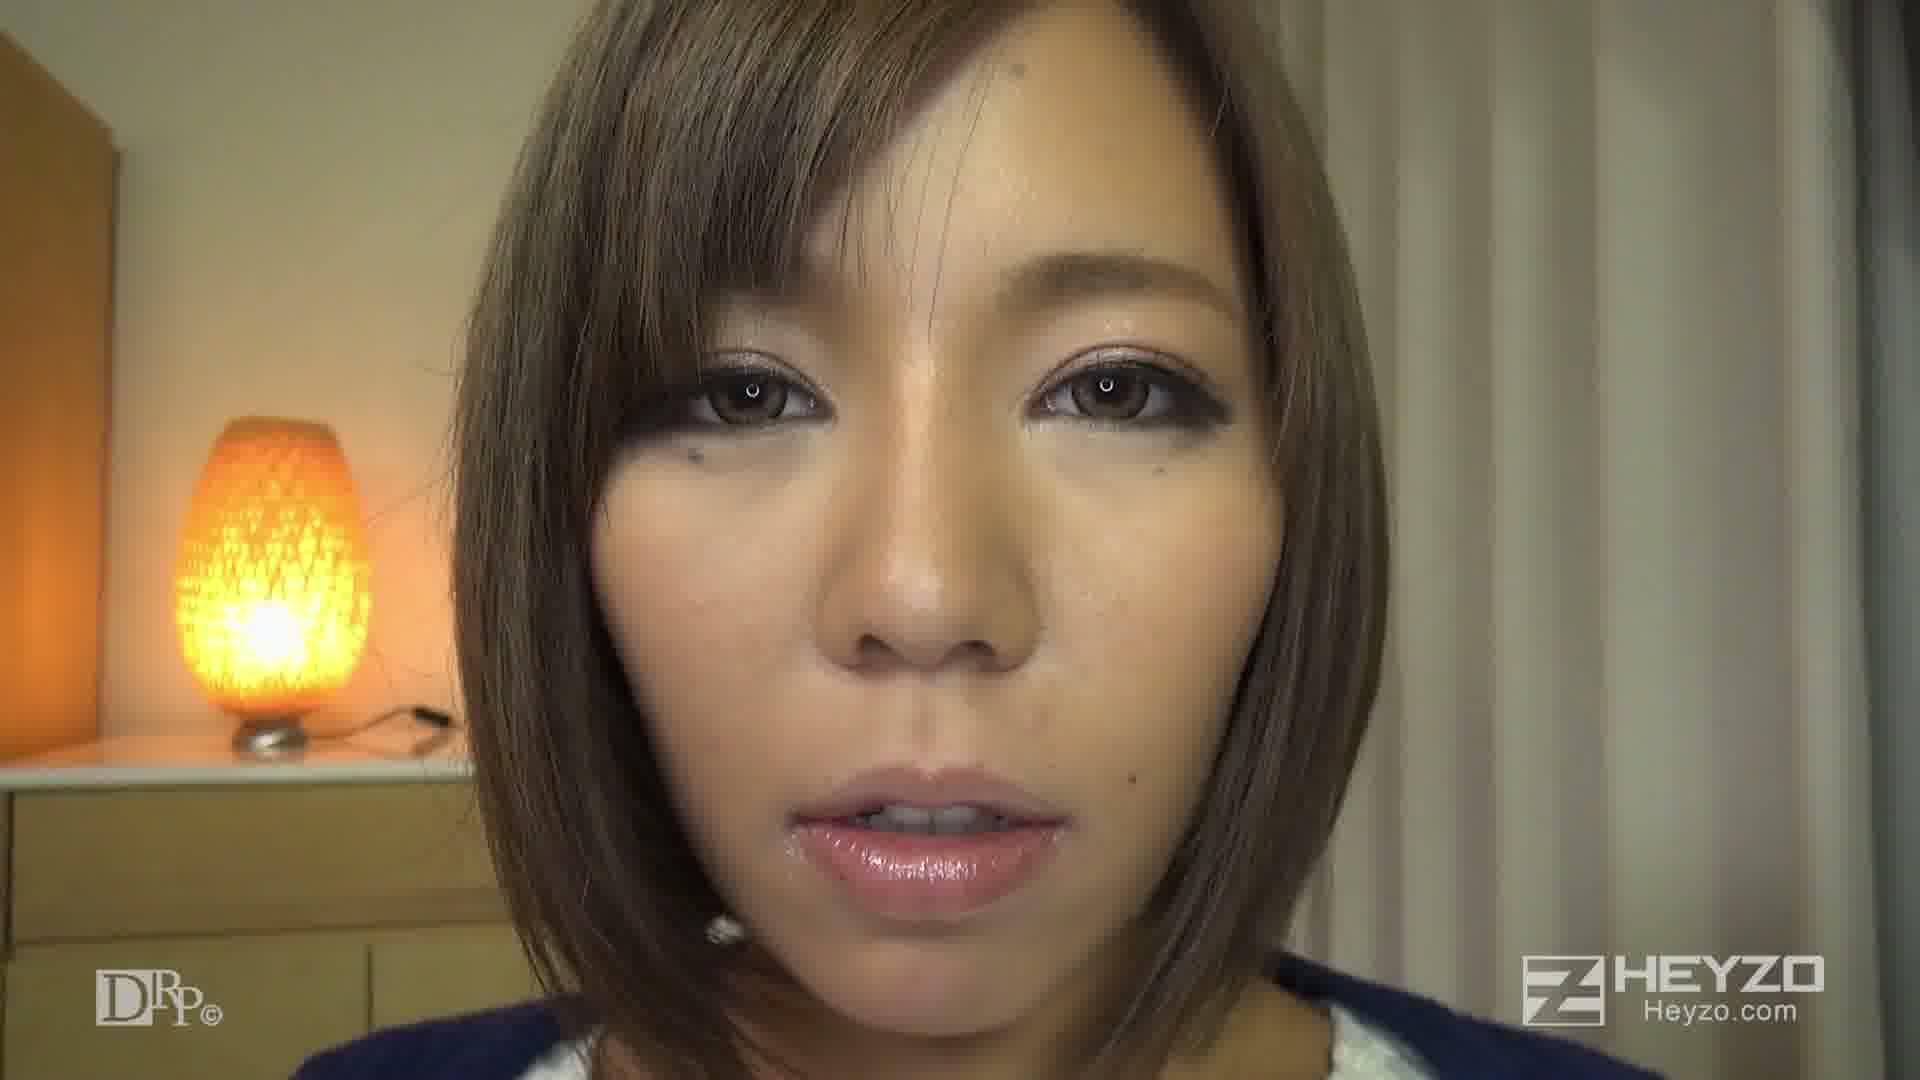 変態催眠療法師にまんまとハメられたぽっちゃり美女 - 西条沙羅【ネコ】